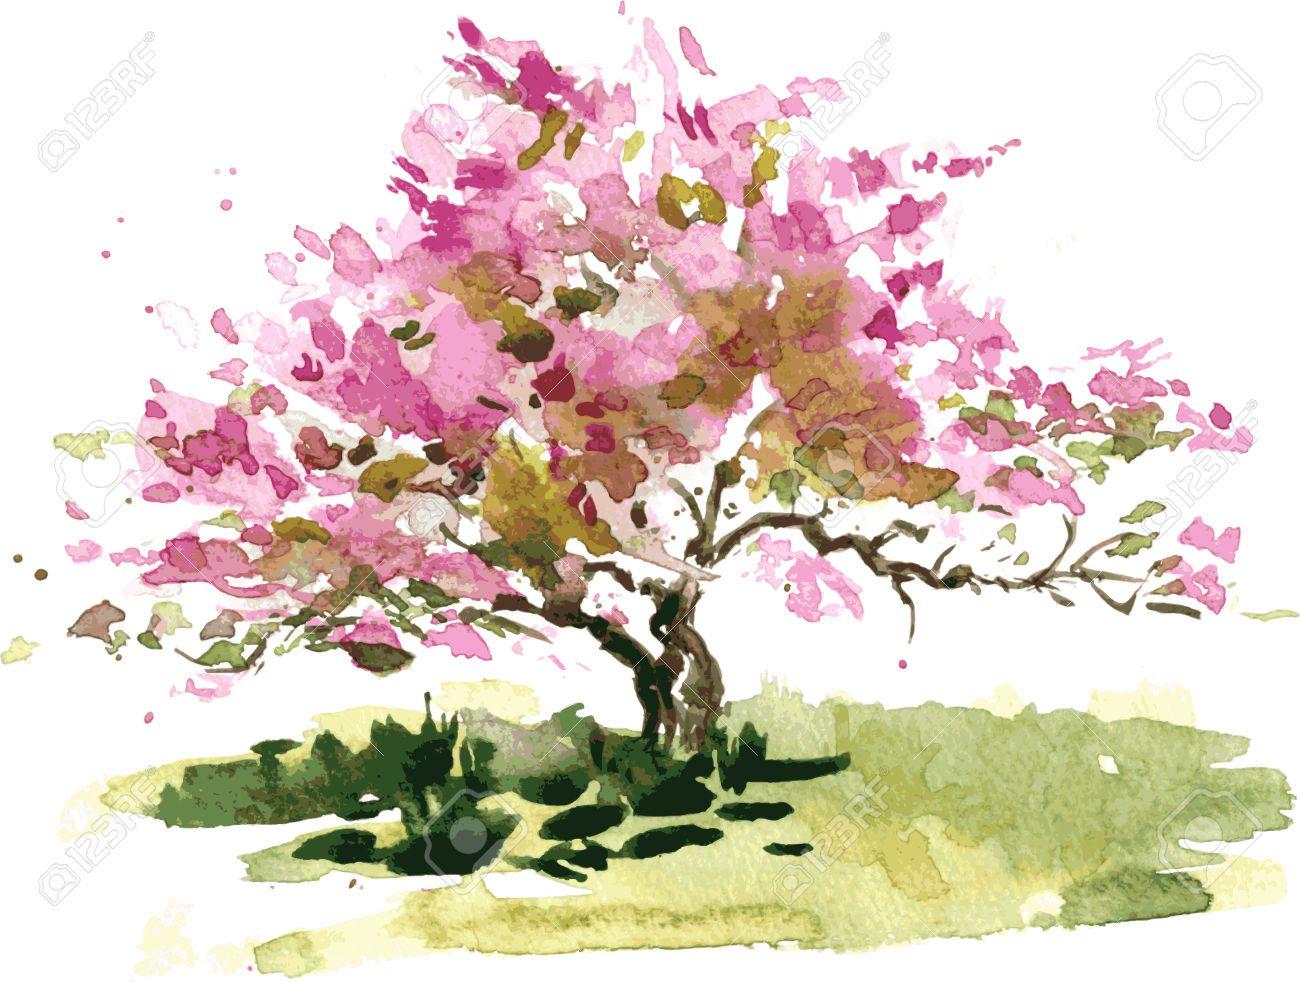 Fiore di ciliegio disegno albero da acquerello acquerello - Ciliegio da giardino ...